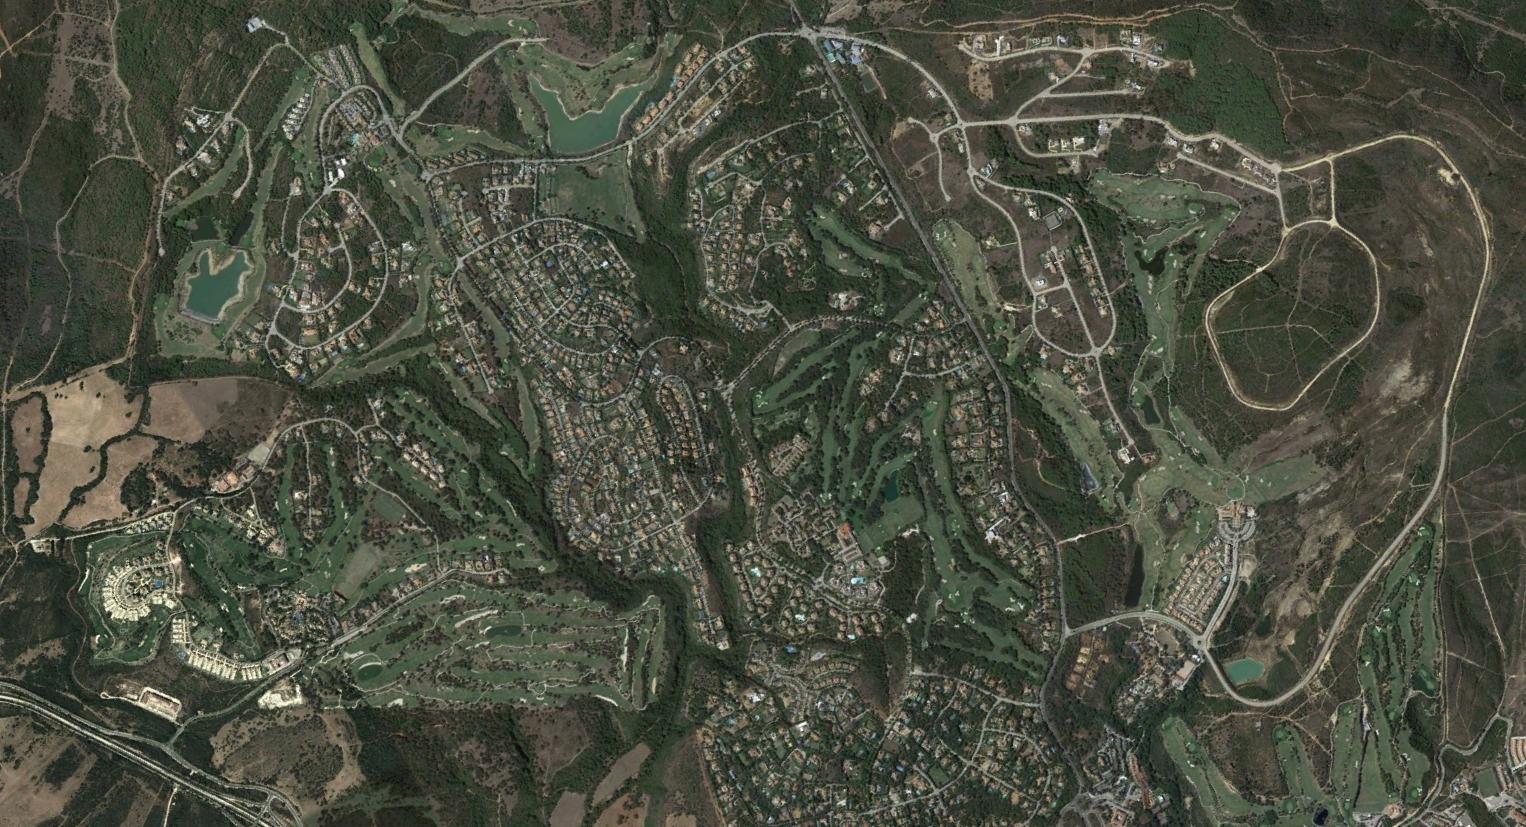 guadiaro, cádiz, ringriver, después, urbanismo, planeamiento, urbano, desastre, urbanístico, construcción, rotondas, carretera